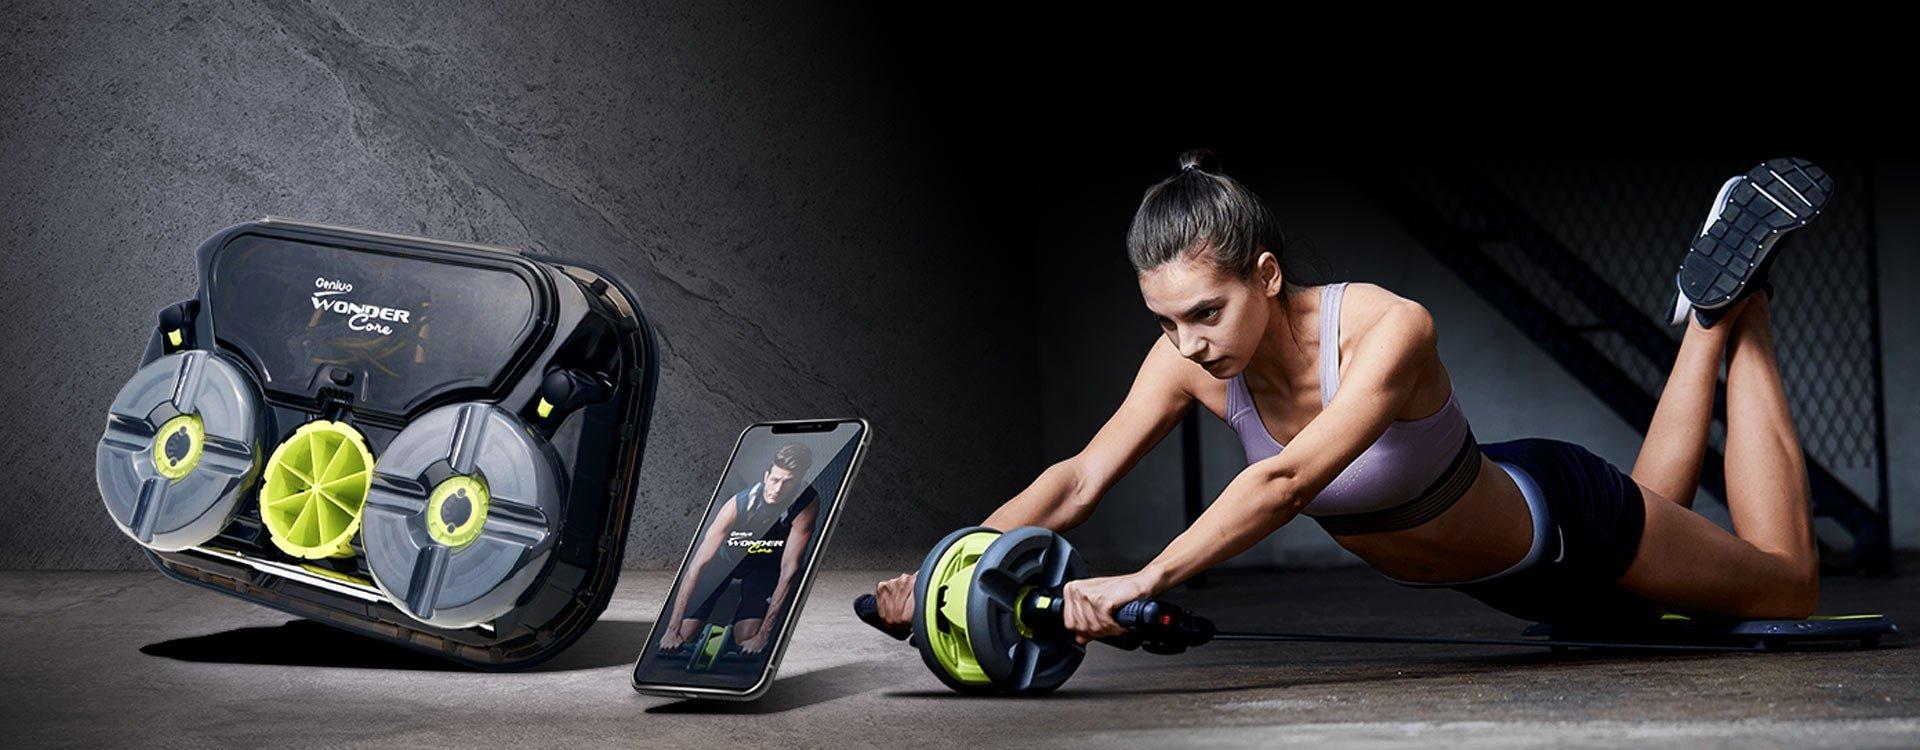 Sprzęt do ćwiczenia w domu i trening w aplikacji to klucz do idealnej sylwetki!